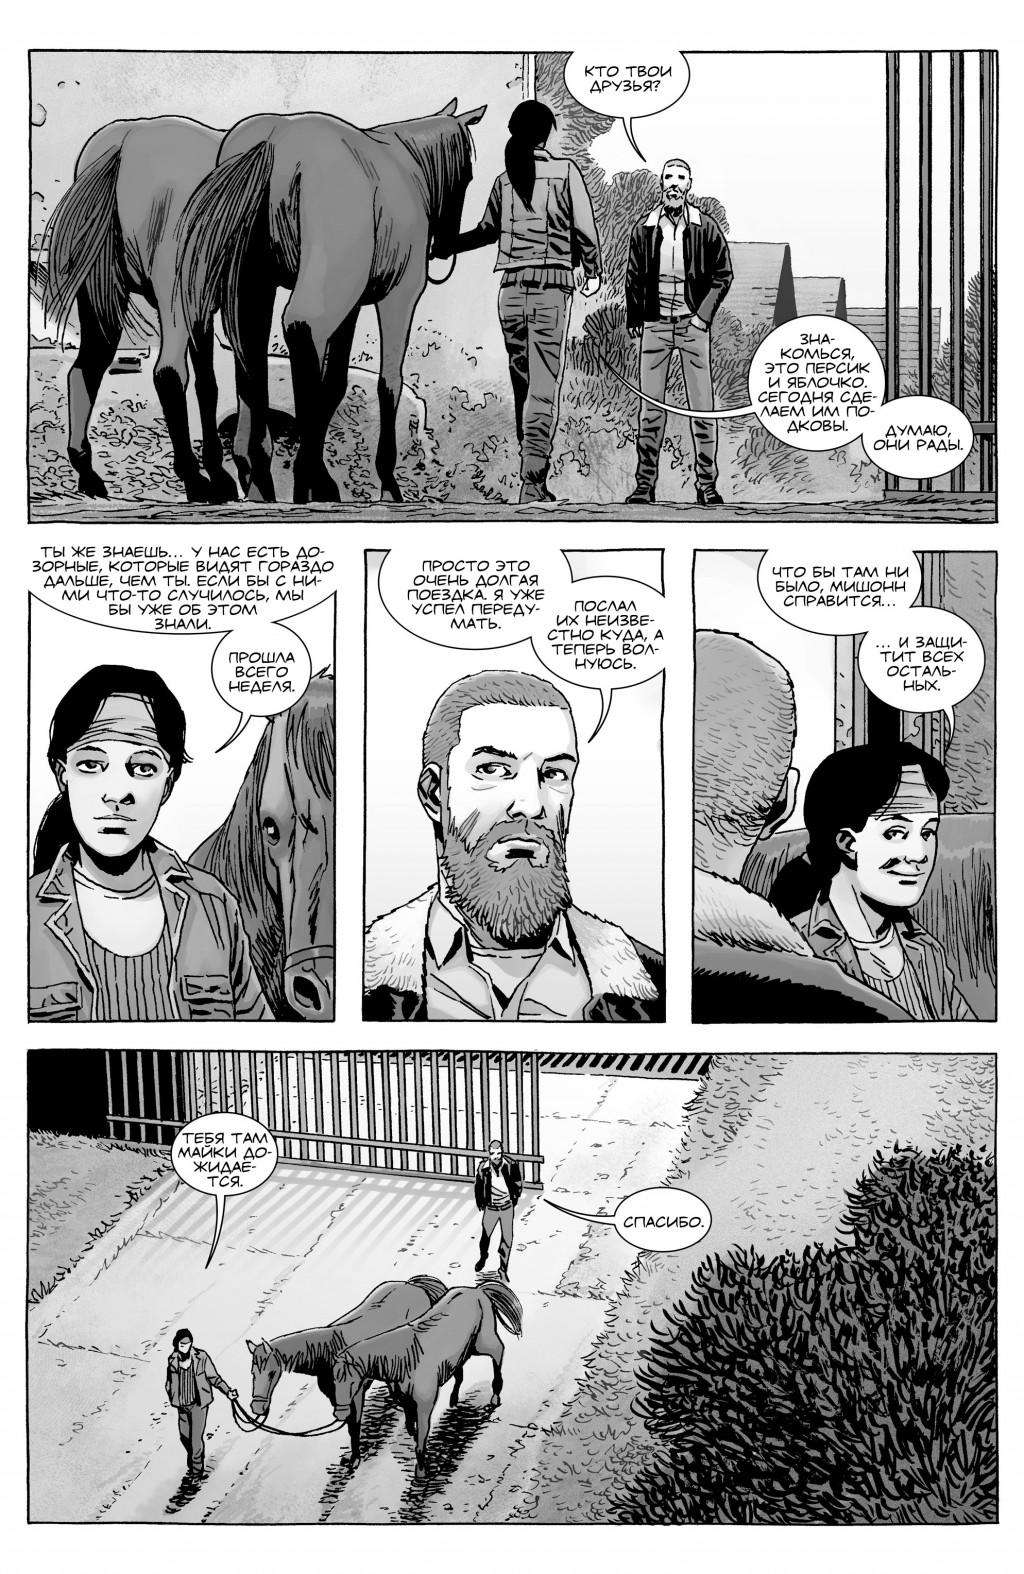 The Walking Dead 172-005_full.jpg